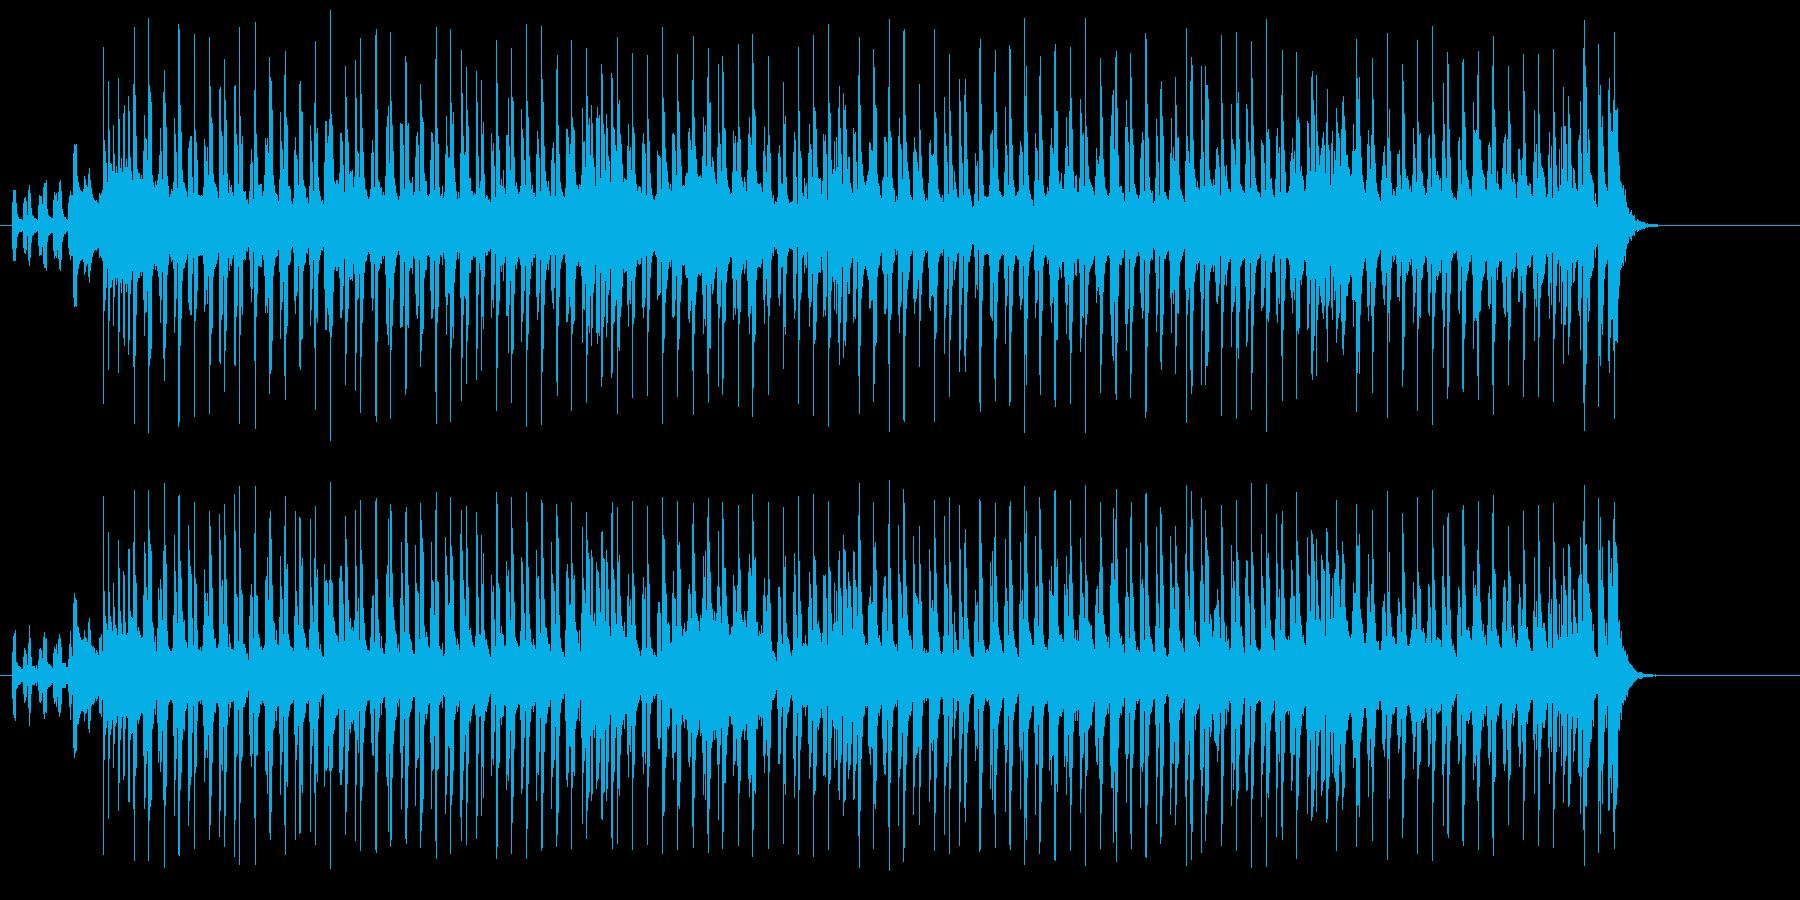 シャッフルする三味線とドライブする笛の再生済みの波形